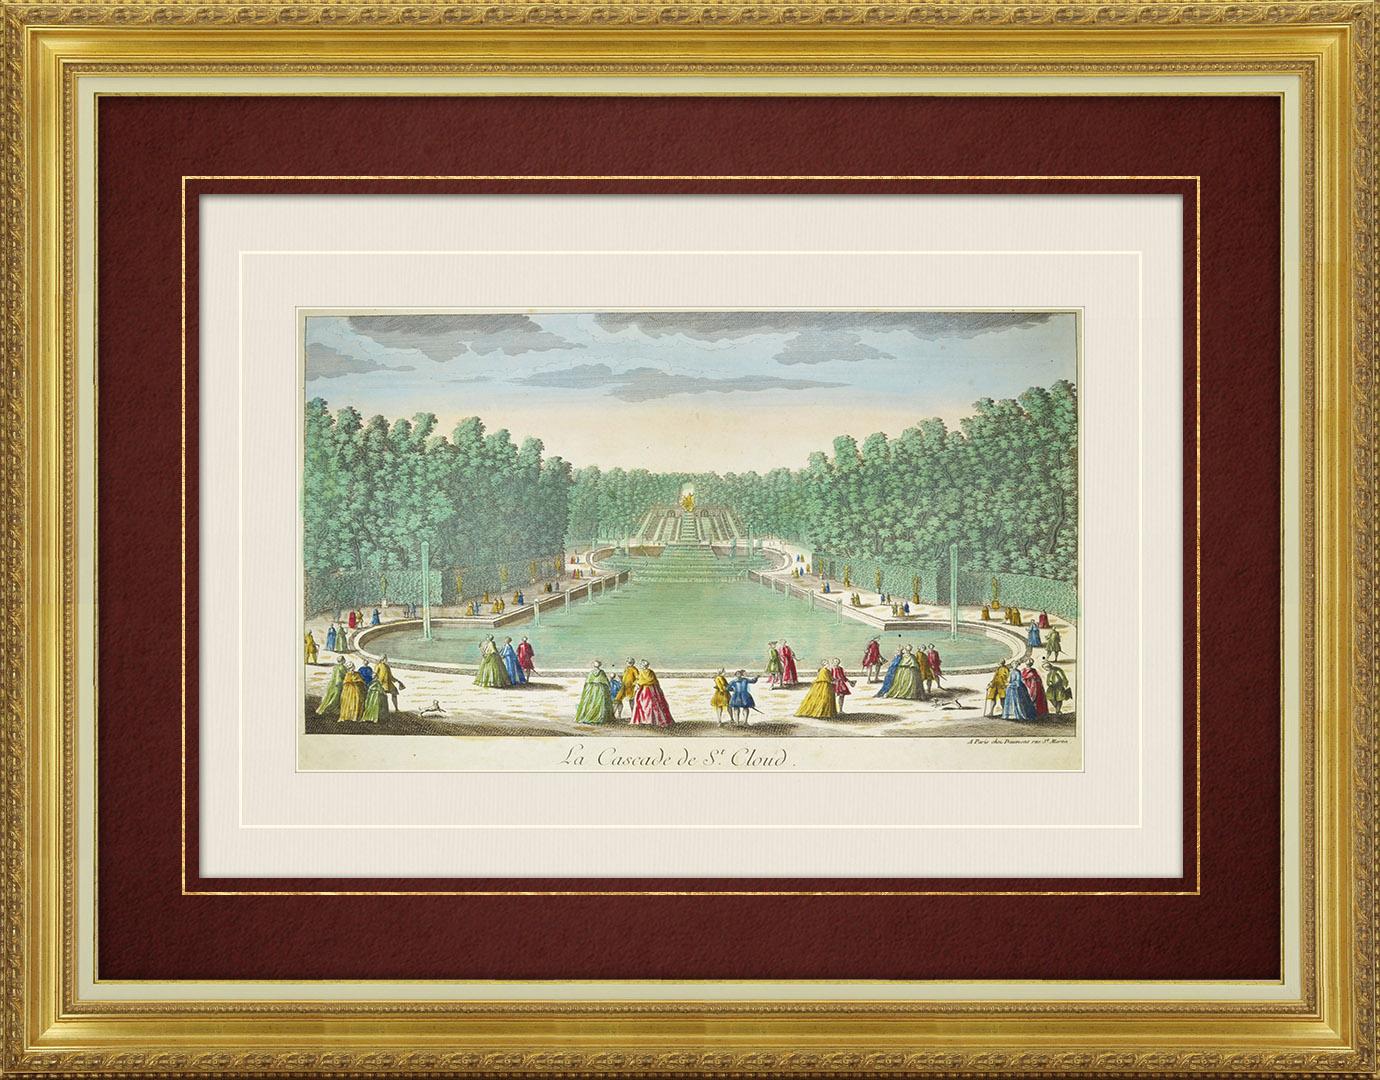 Vue d'optique du 18e siècle en coloris d'époque du Parc de Saint Cloud et de la Cascade (France)